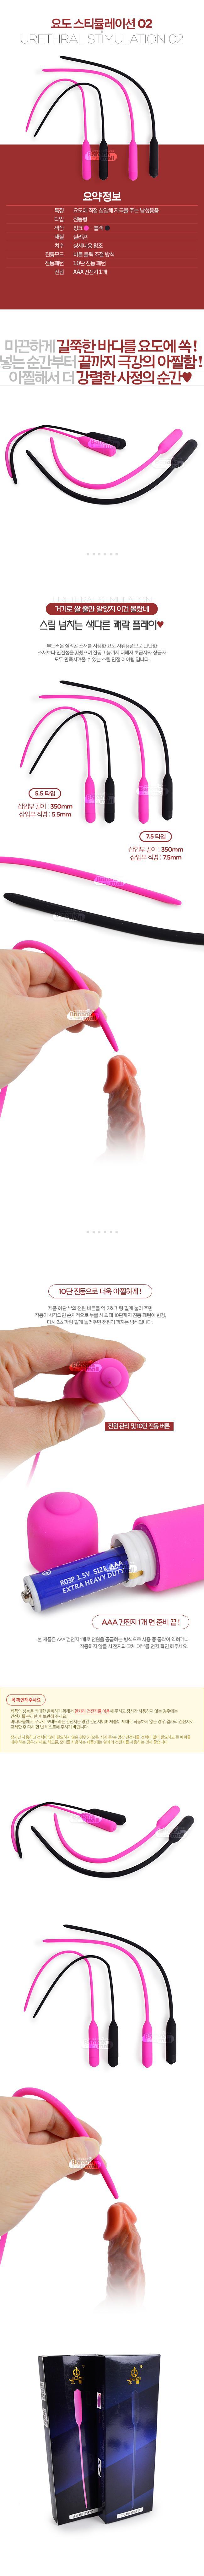 10단 진동] 요도 스티뮬레이션 02(Urethral Stimulation 02)